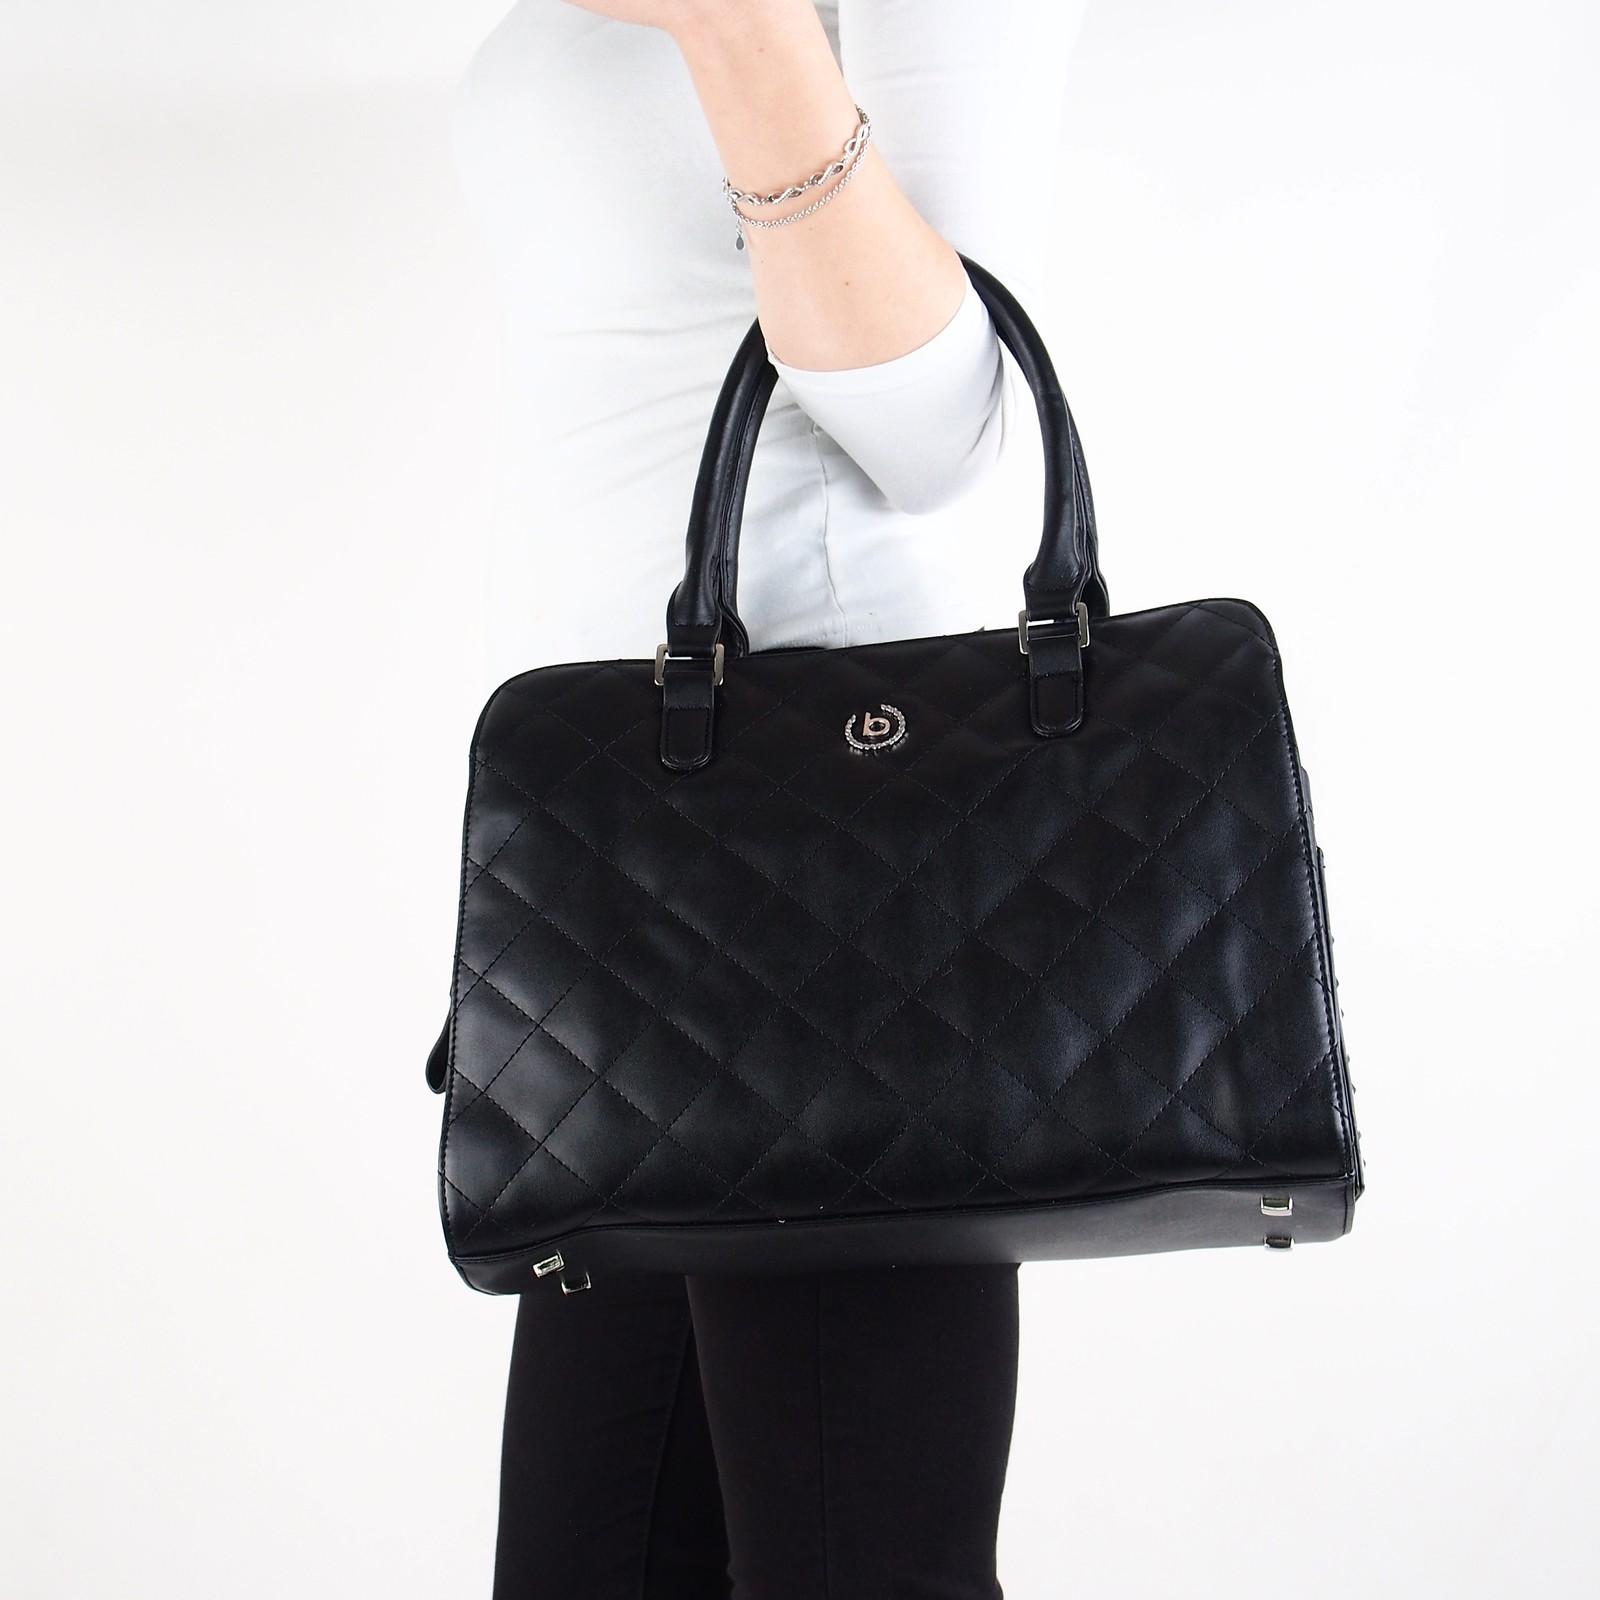 19e80f075c Bugatti dámska kožená štýlová kabelka - čierna ...